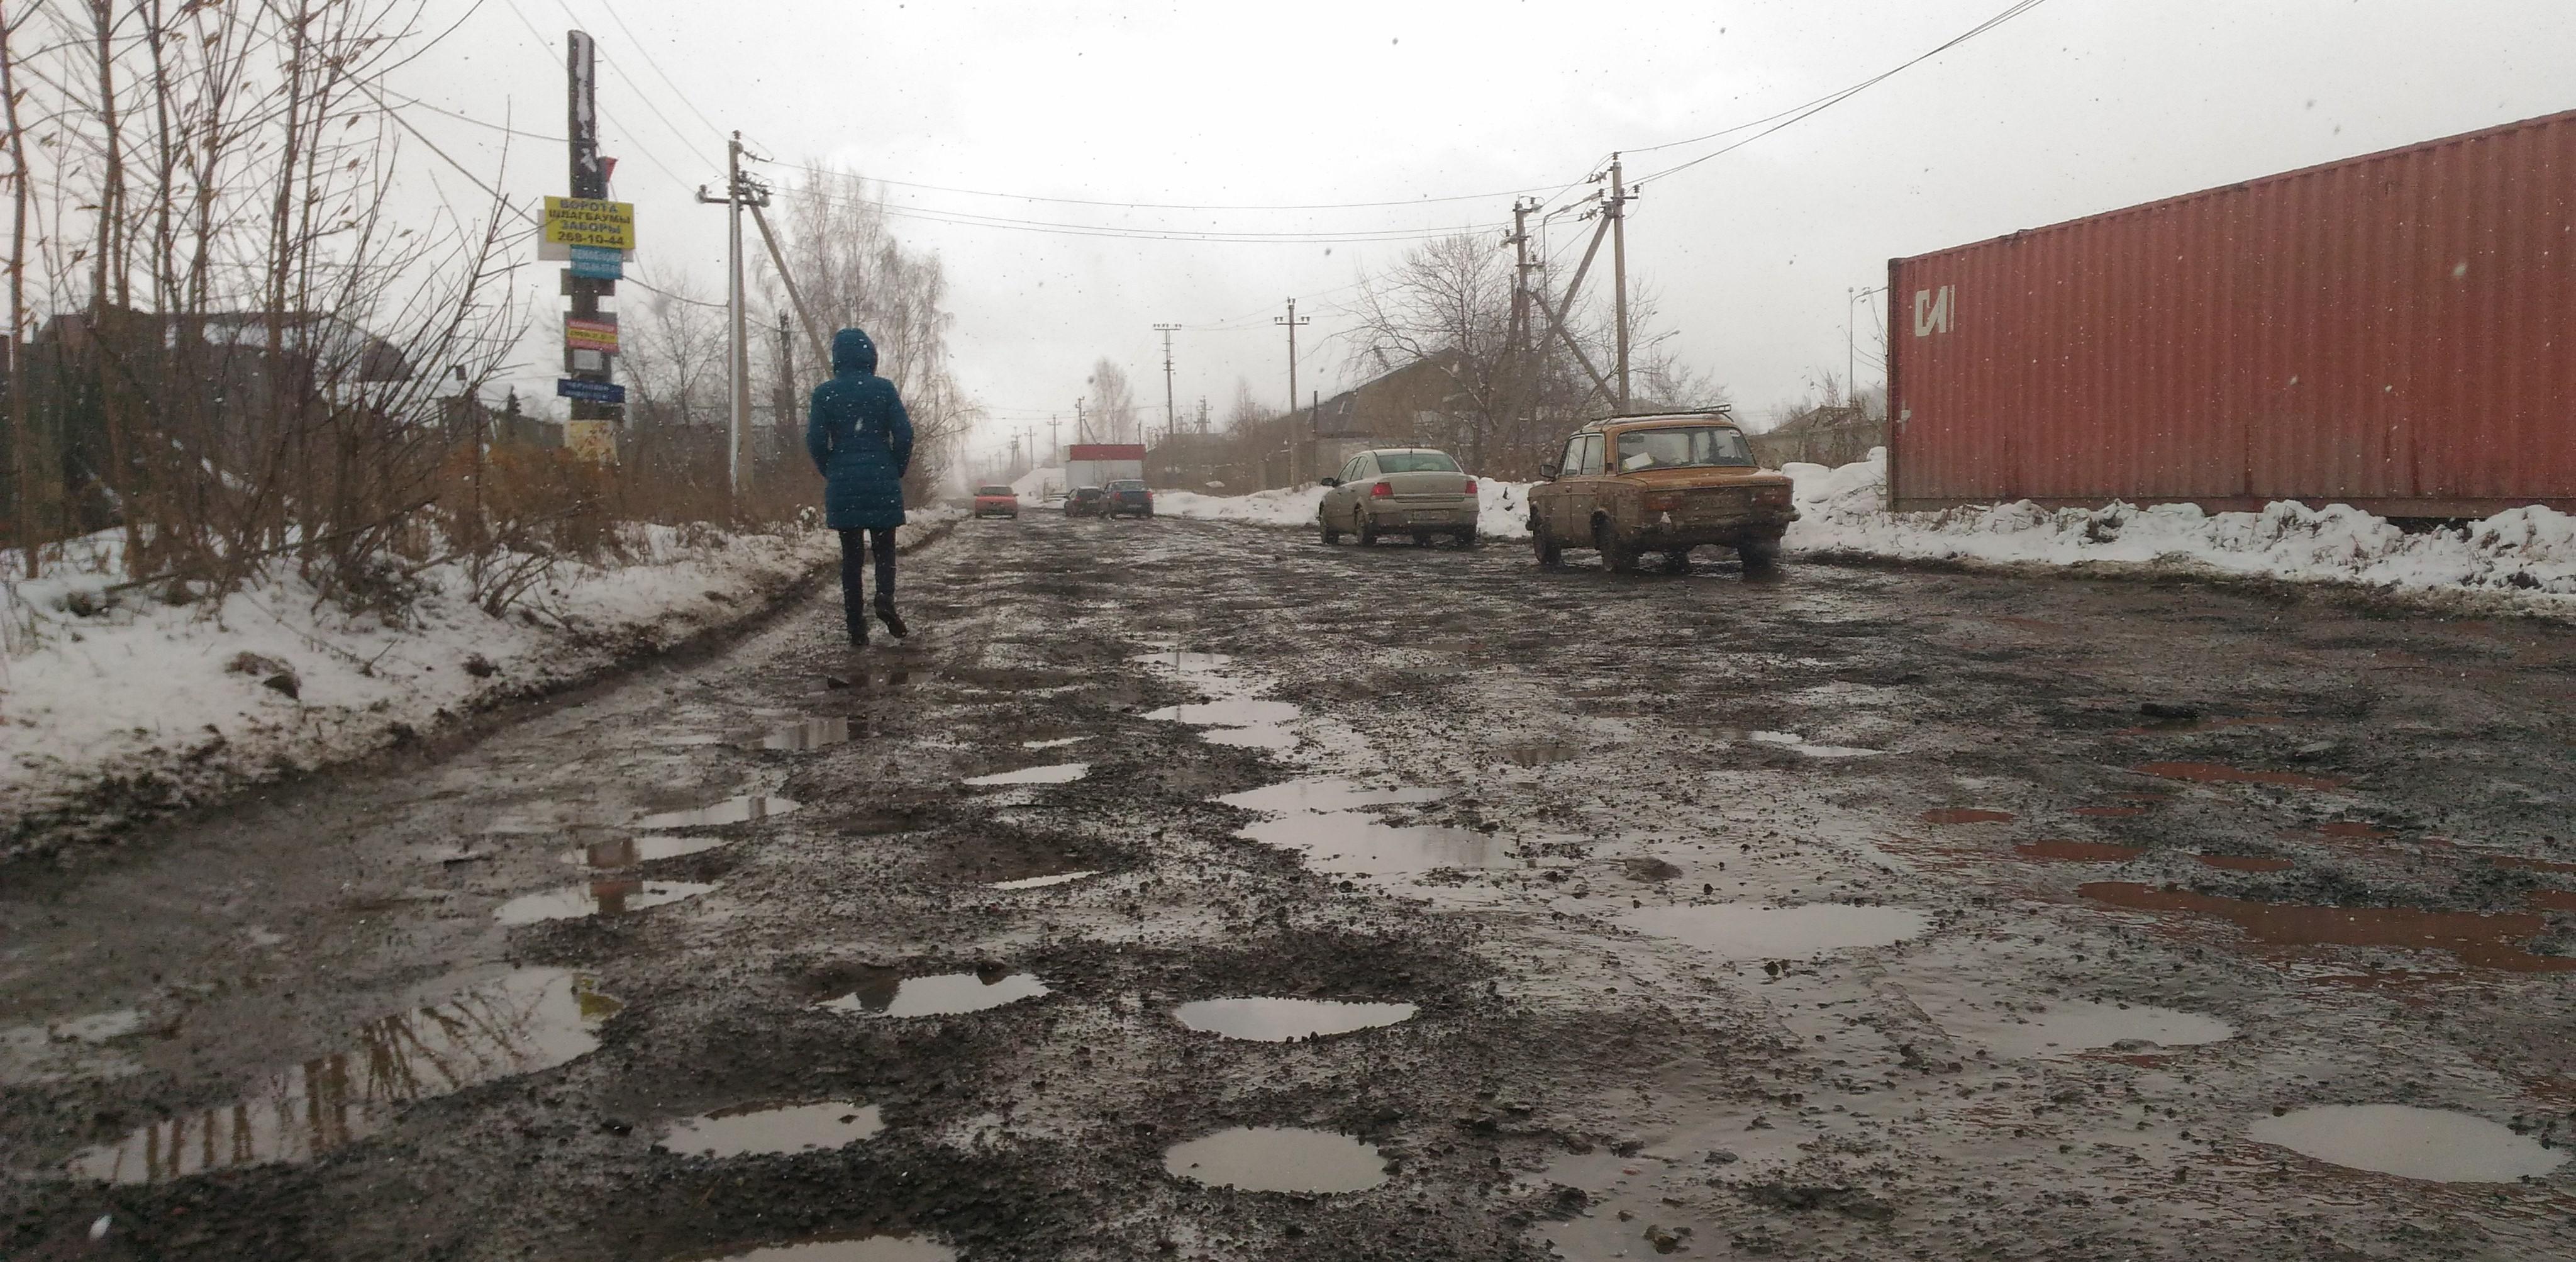 Ни фонарей, ни тротуаров, только ямы и лужи: улица на Елизавете превратилась в проселочную дорогу